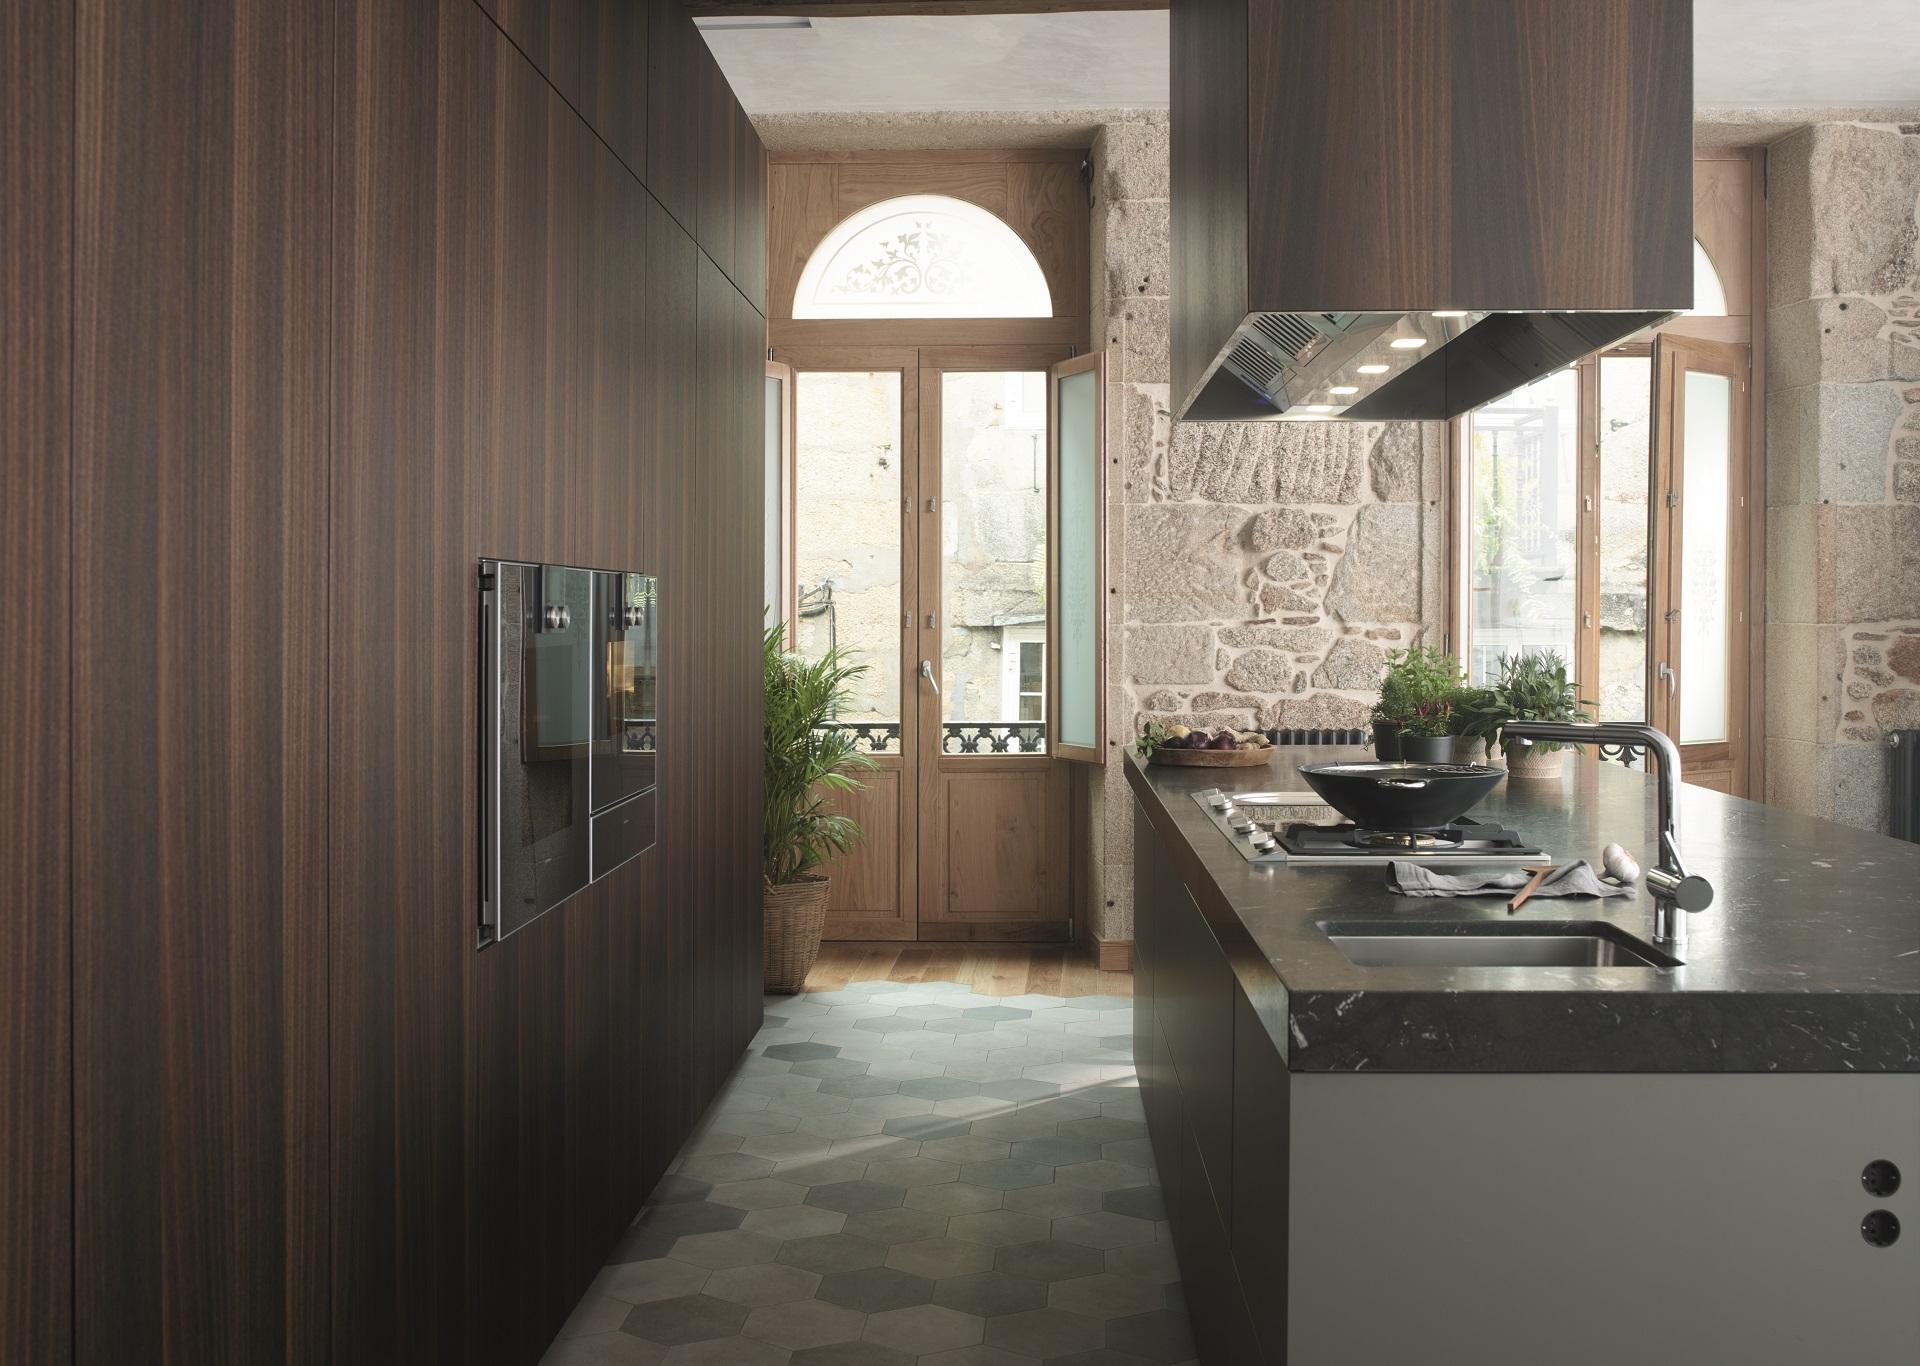 Muebles de cocina acabado en madera Santos